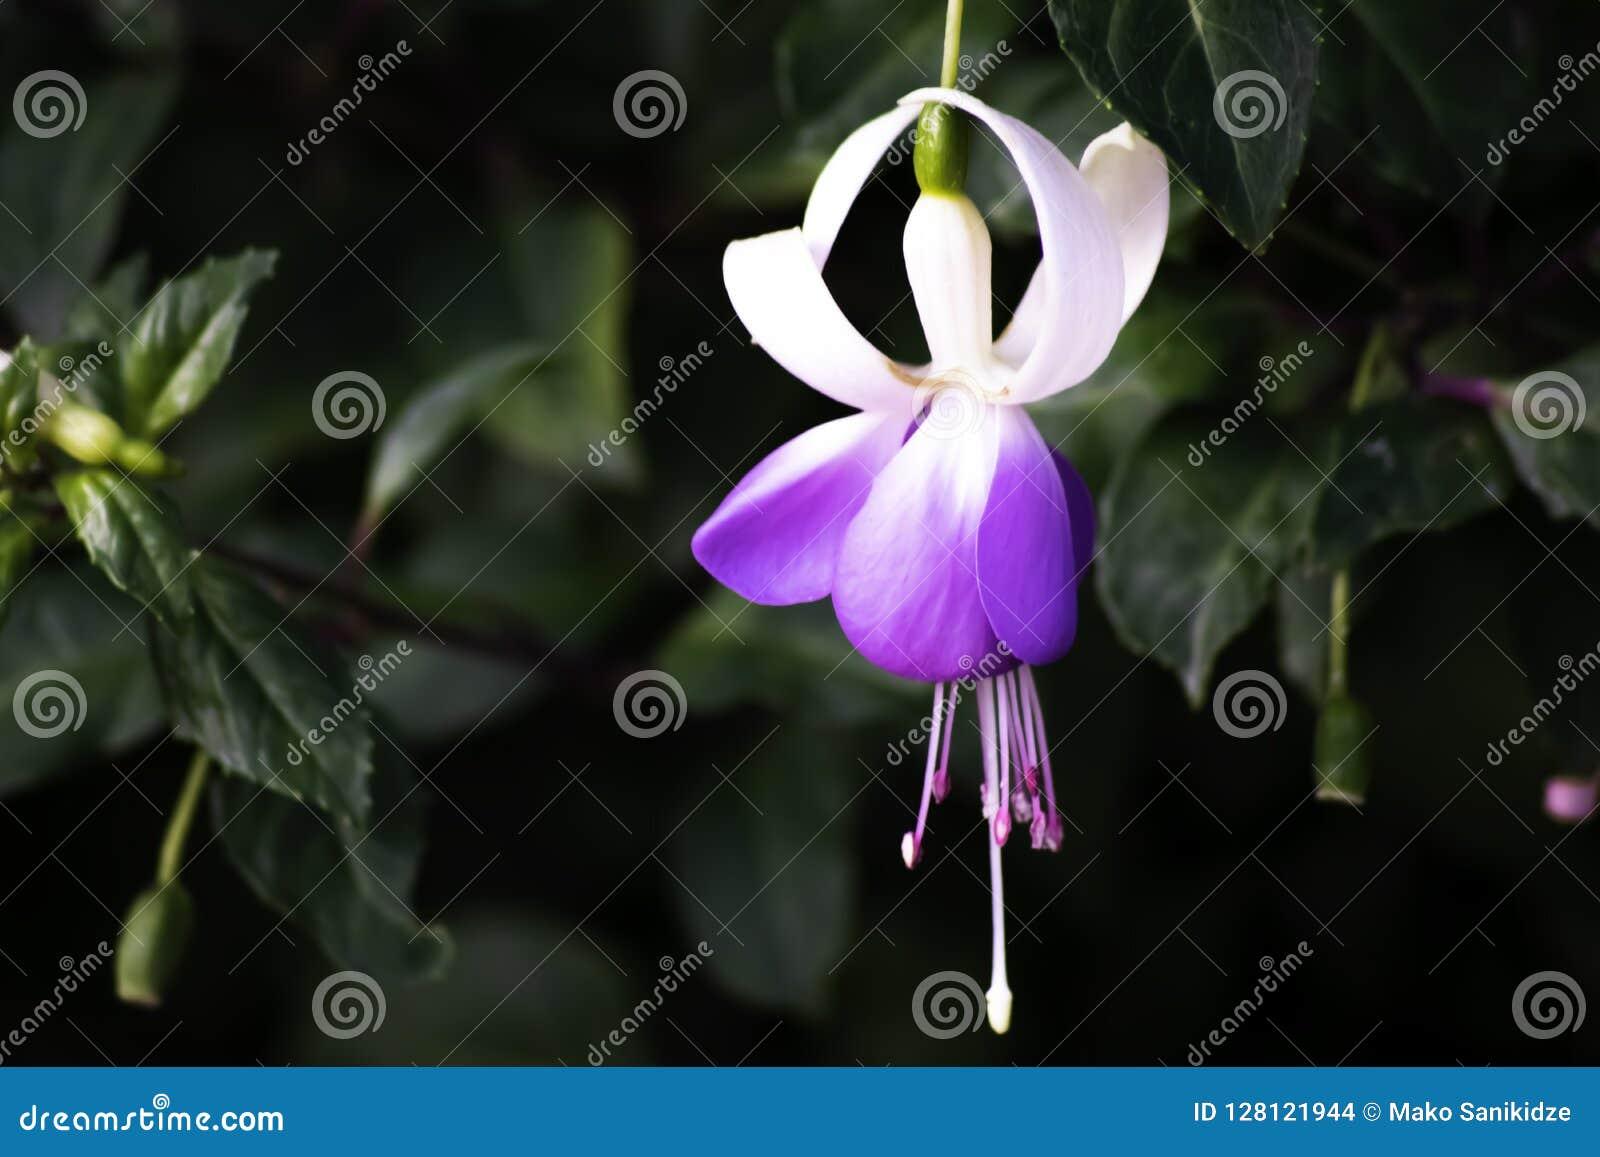 Fleur de cloche pourpre et blanche dans le jardin